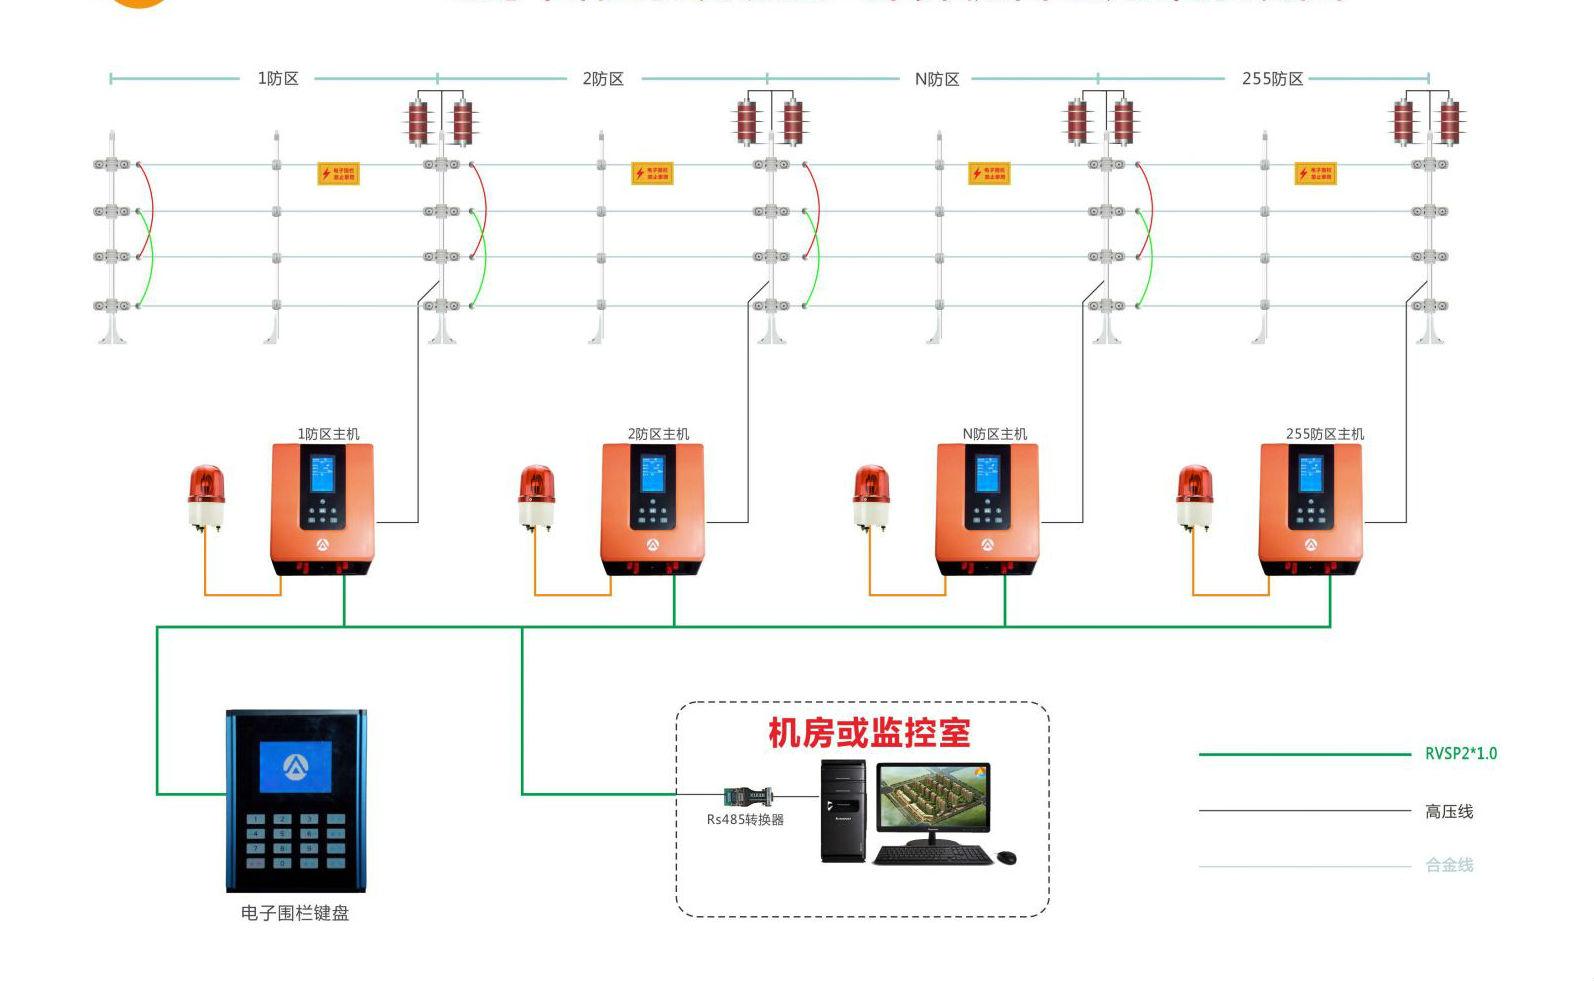 电子围栏可以远程操作:可以通过键盘,软件以及局域网来控制主机